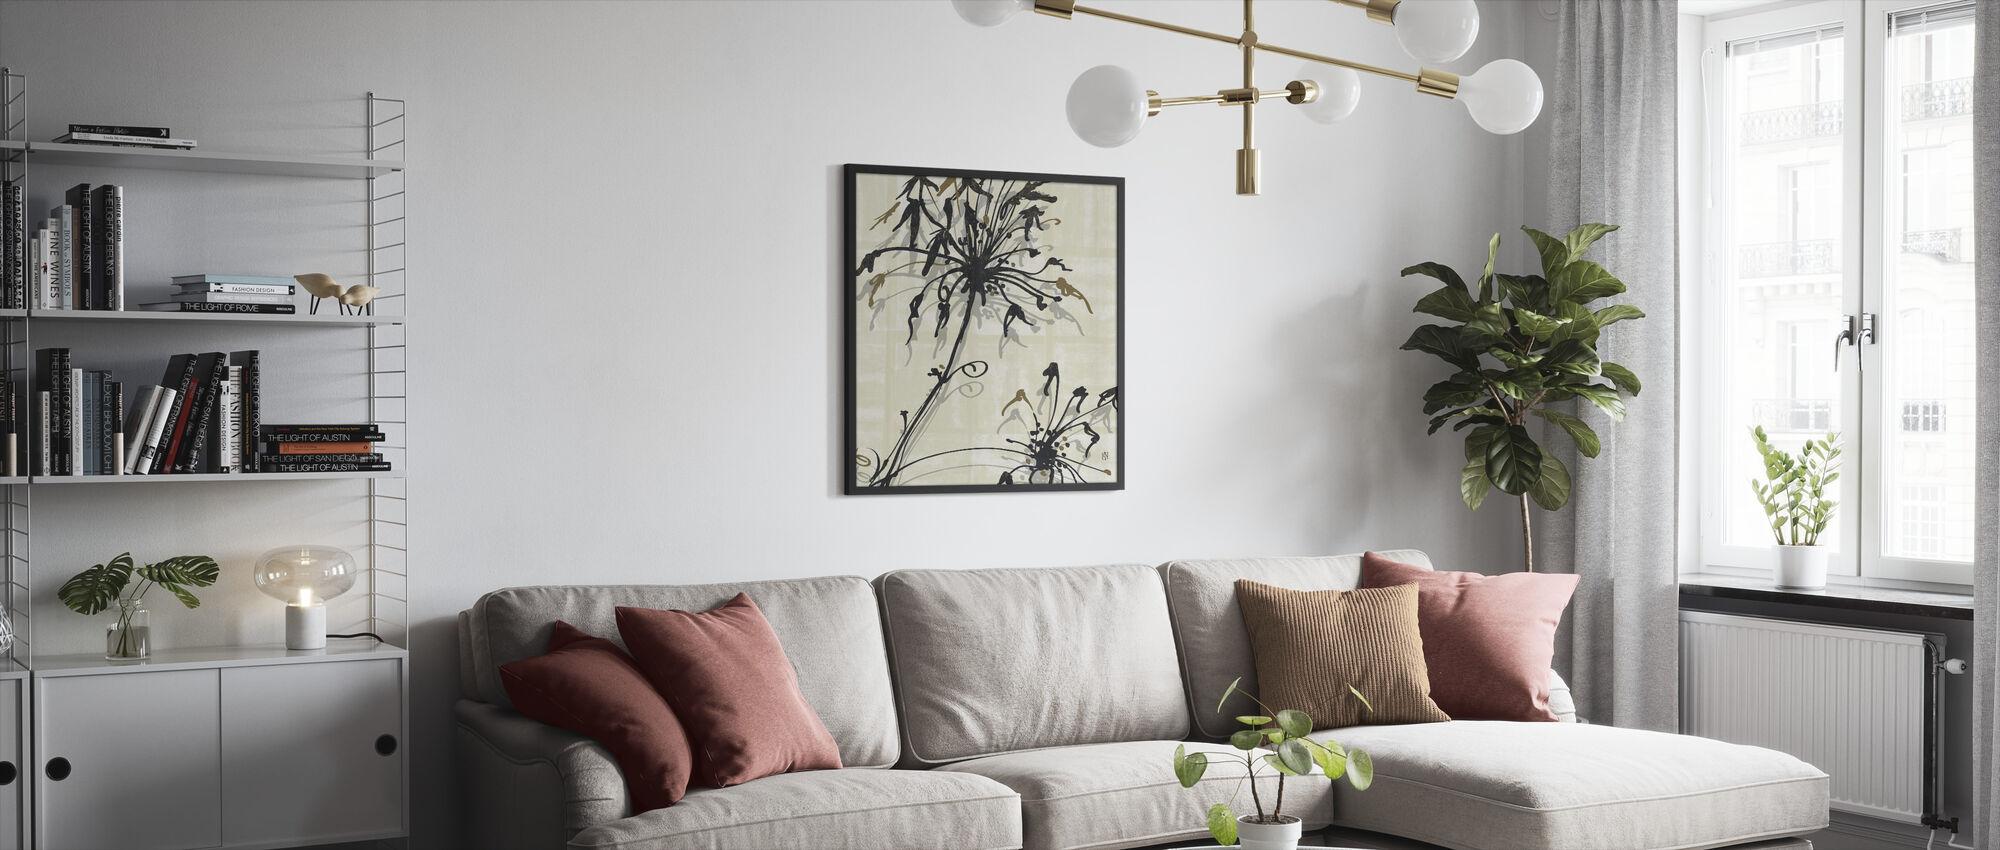 Avery Tillmon - Letting Go I - Framed print - Living Room